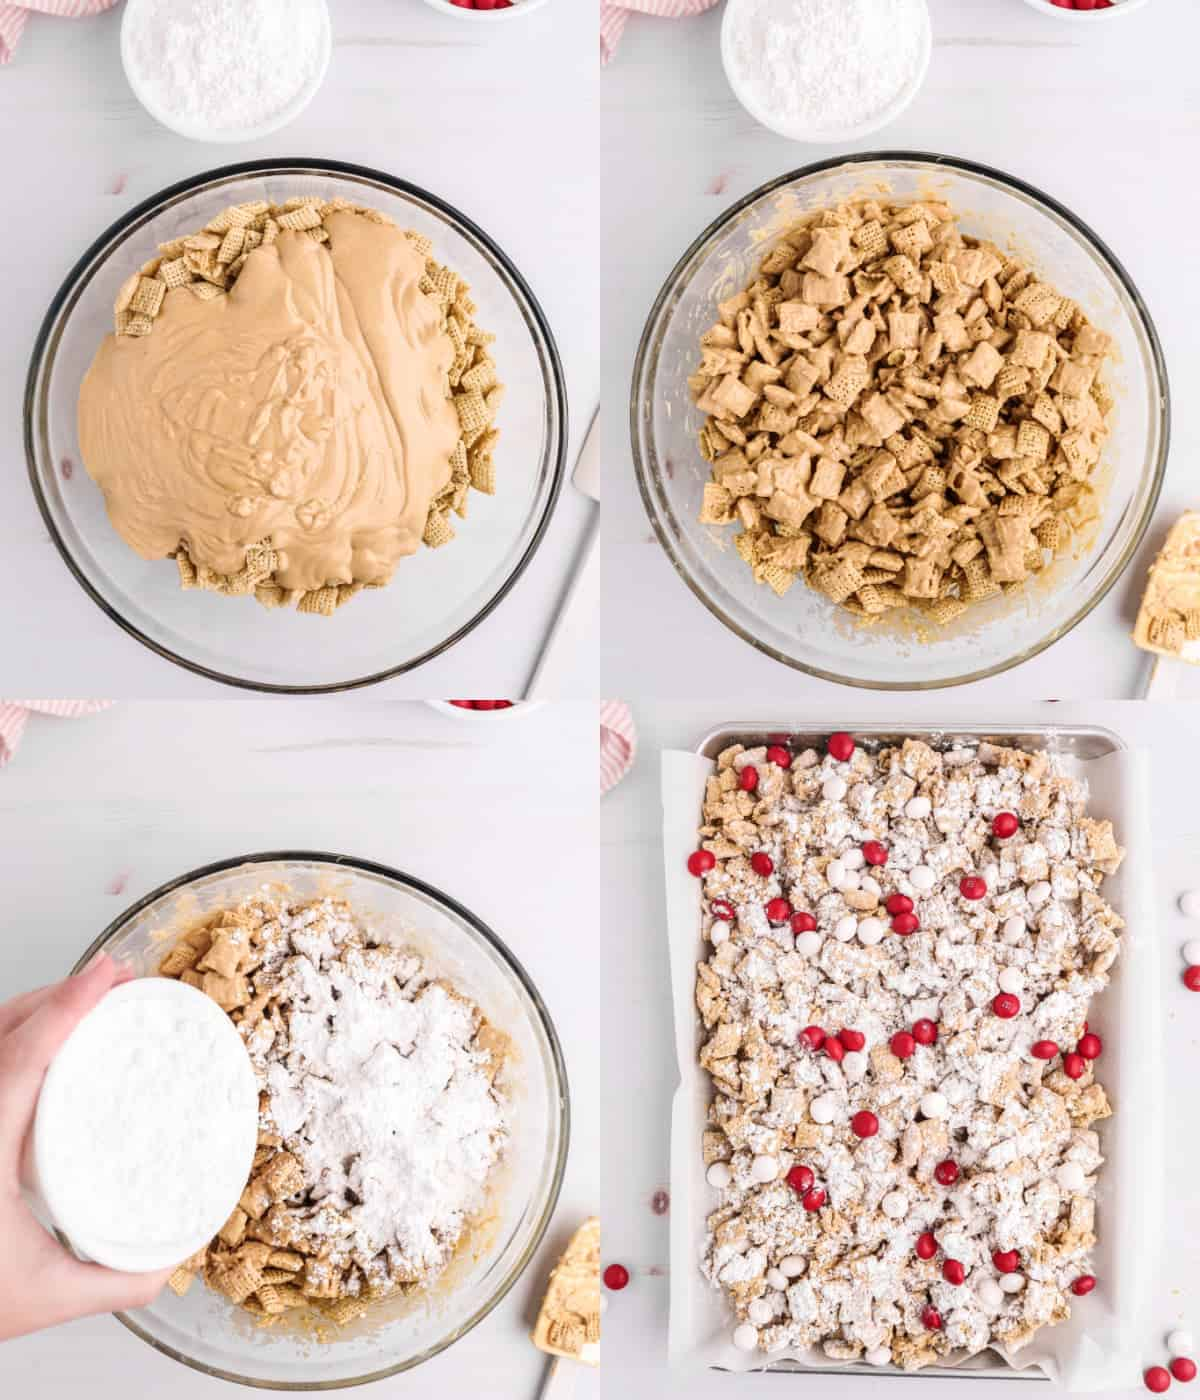 Patru fotografii ale procesului.  Mai întâi, cereale de orez cu un amestec de unt de arahide de ciocolată deasupra într-un castron mare.  În al doilea rând, totul este amestecat într-un castron.  În al treilea rând, sugerul praf a fost presărat deasupra.  În al patrulea rând, prieteni noroioși aranjați într-un vas de copt căptușit cu hârtie pergament cu M&M roșu și roz împrăștiat.